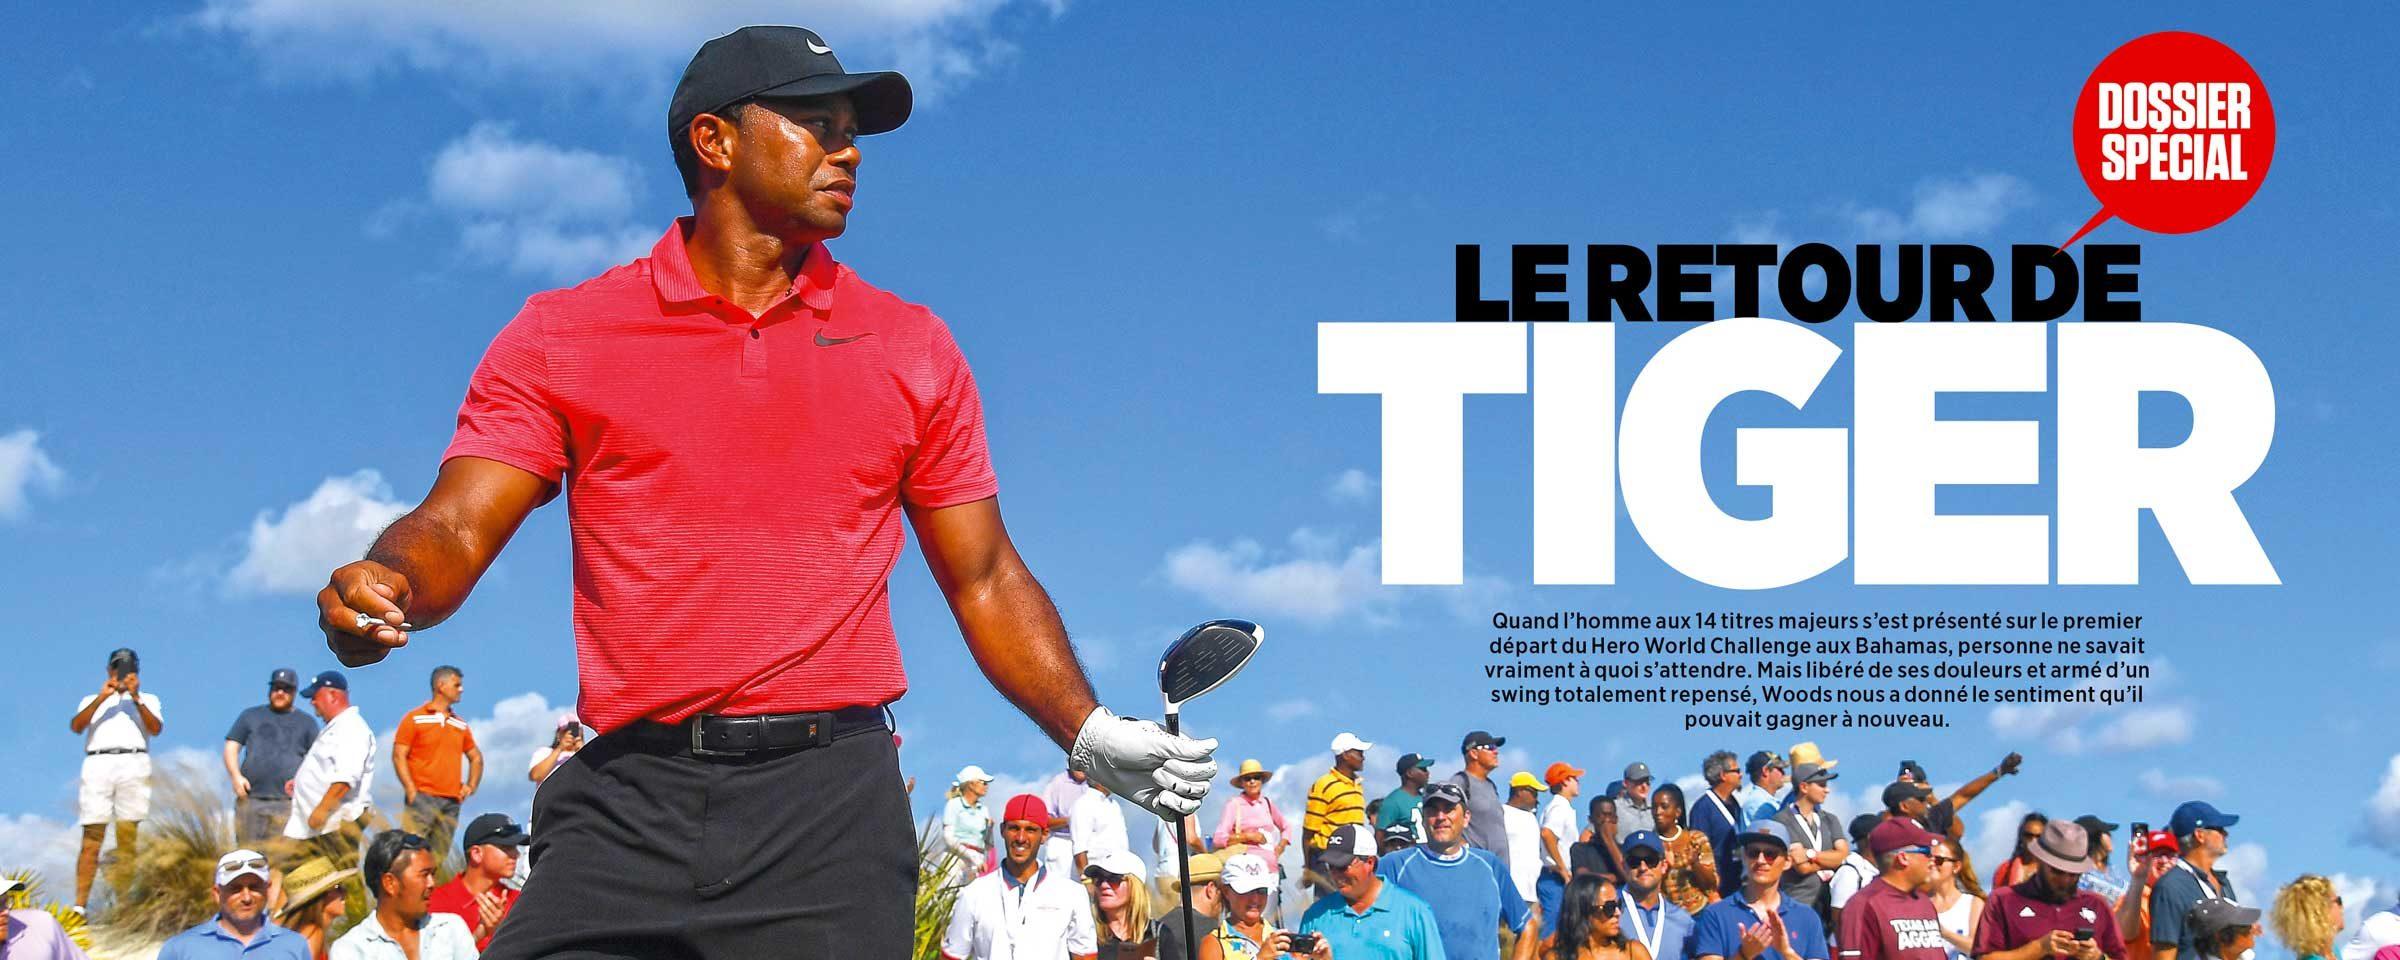 Le retour de Tiger